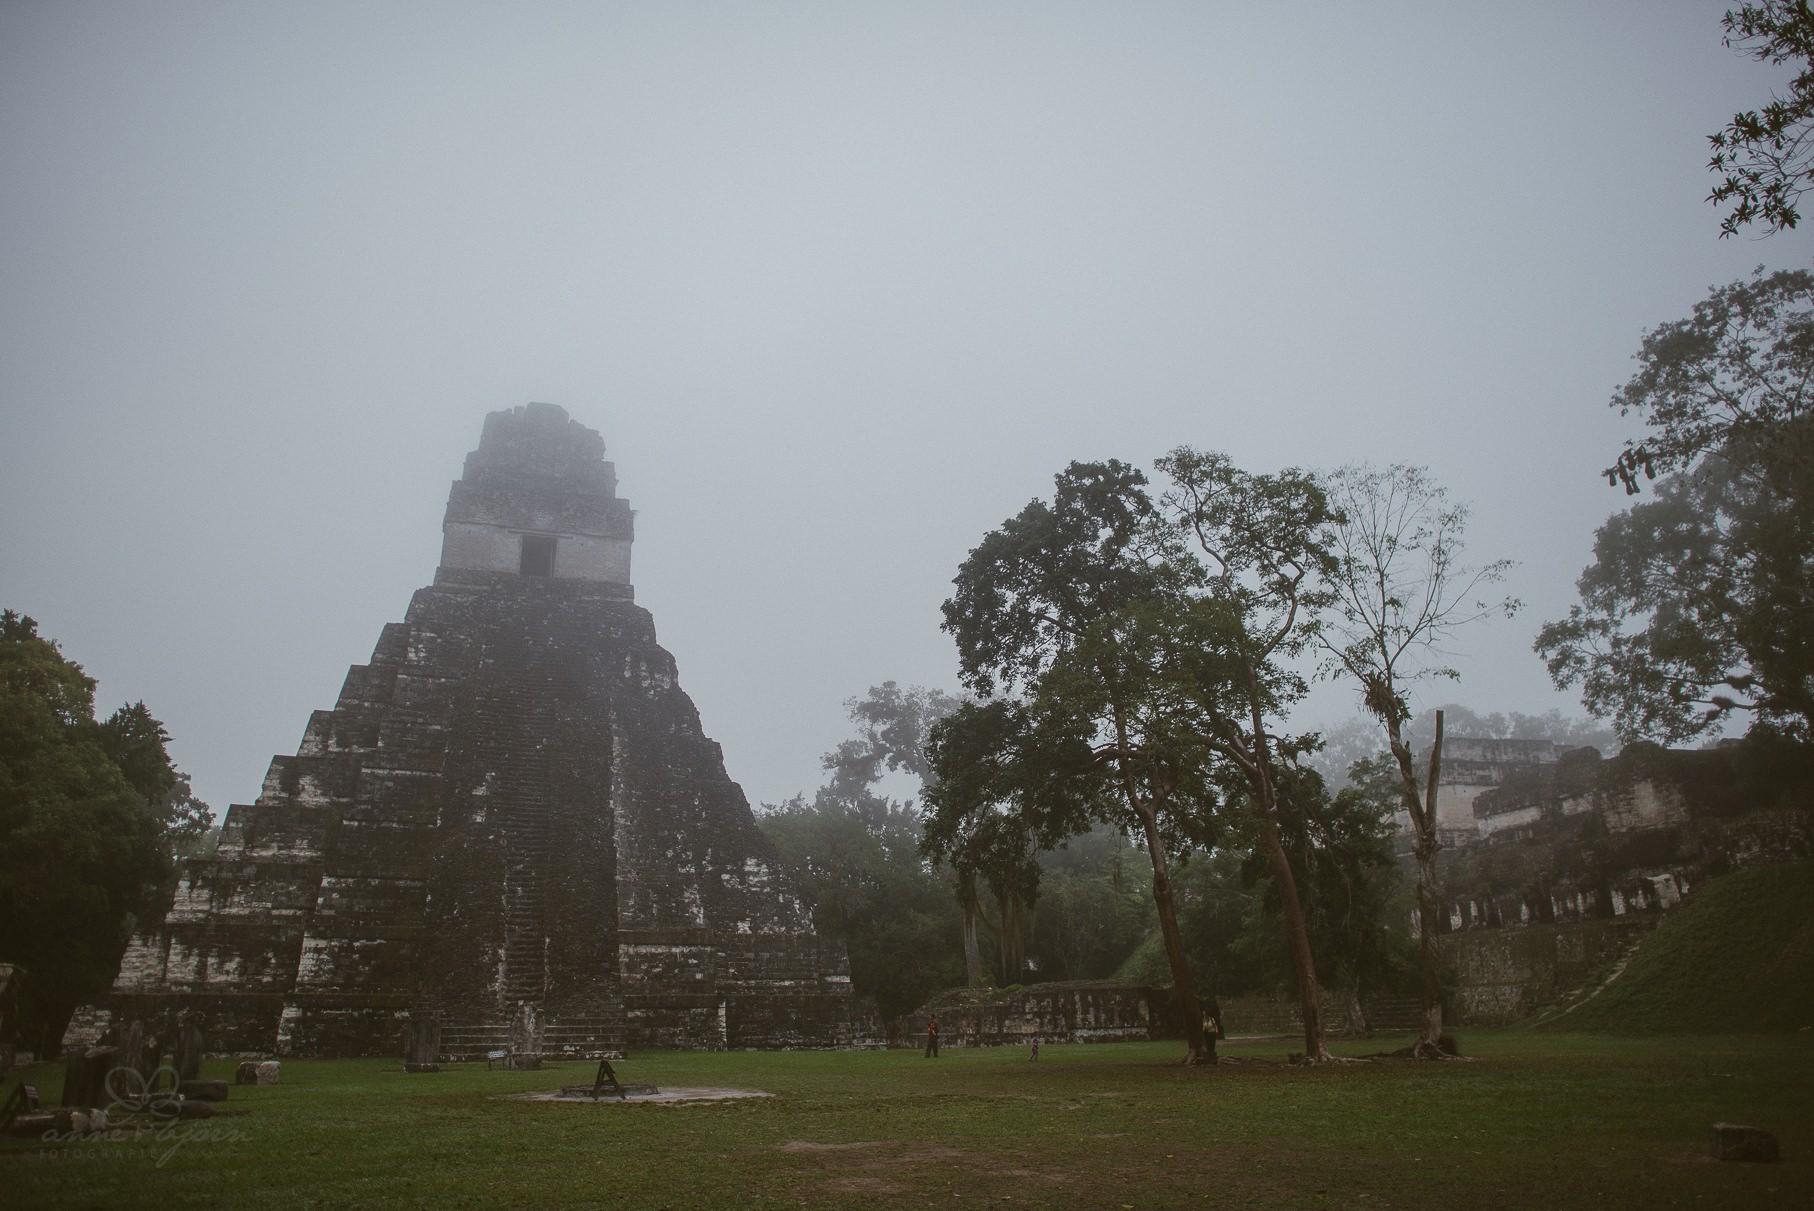 0210 anne und bjoern guatemala d75 4597 - 4 Wochen durch Guatemala - backpacking durch Mittelamerika